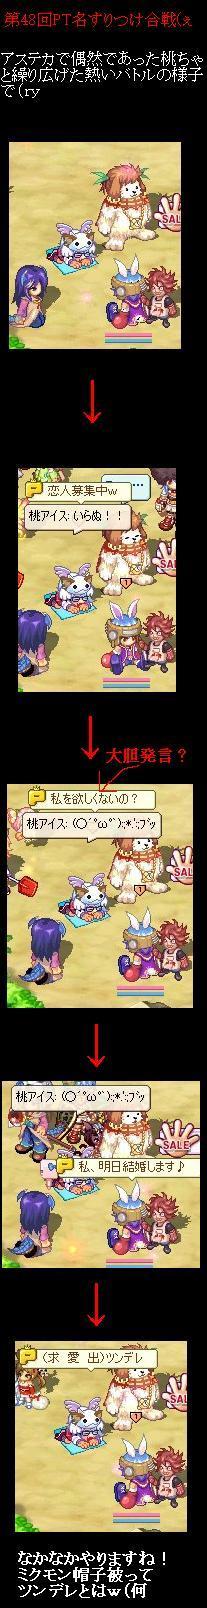 ミクモン+猫さんは可愛いと思うw